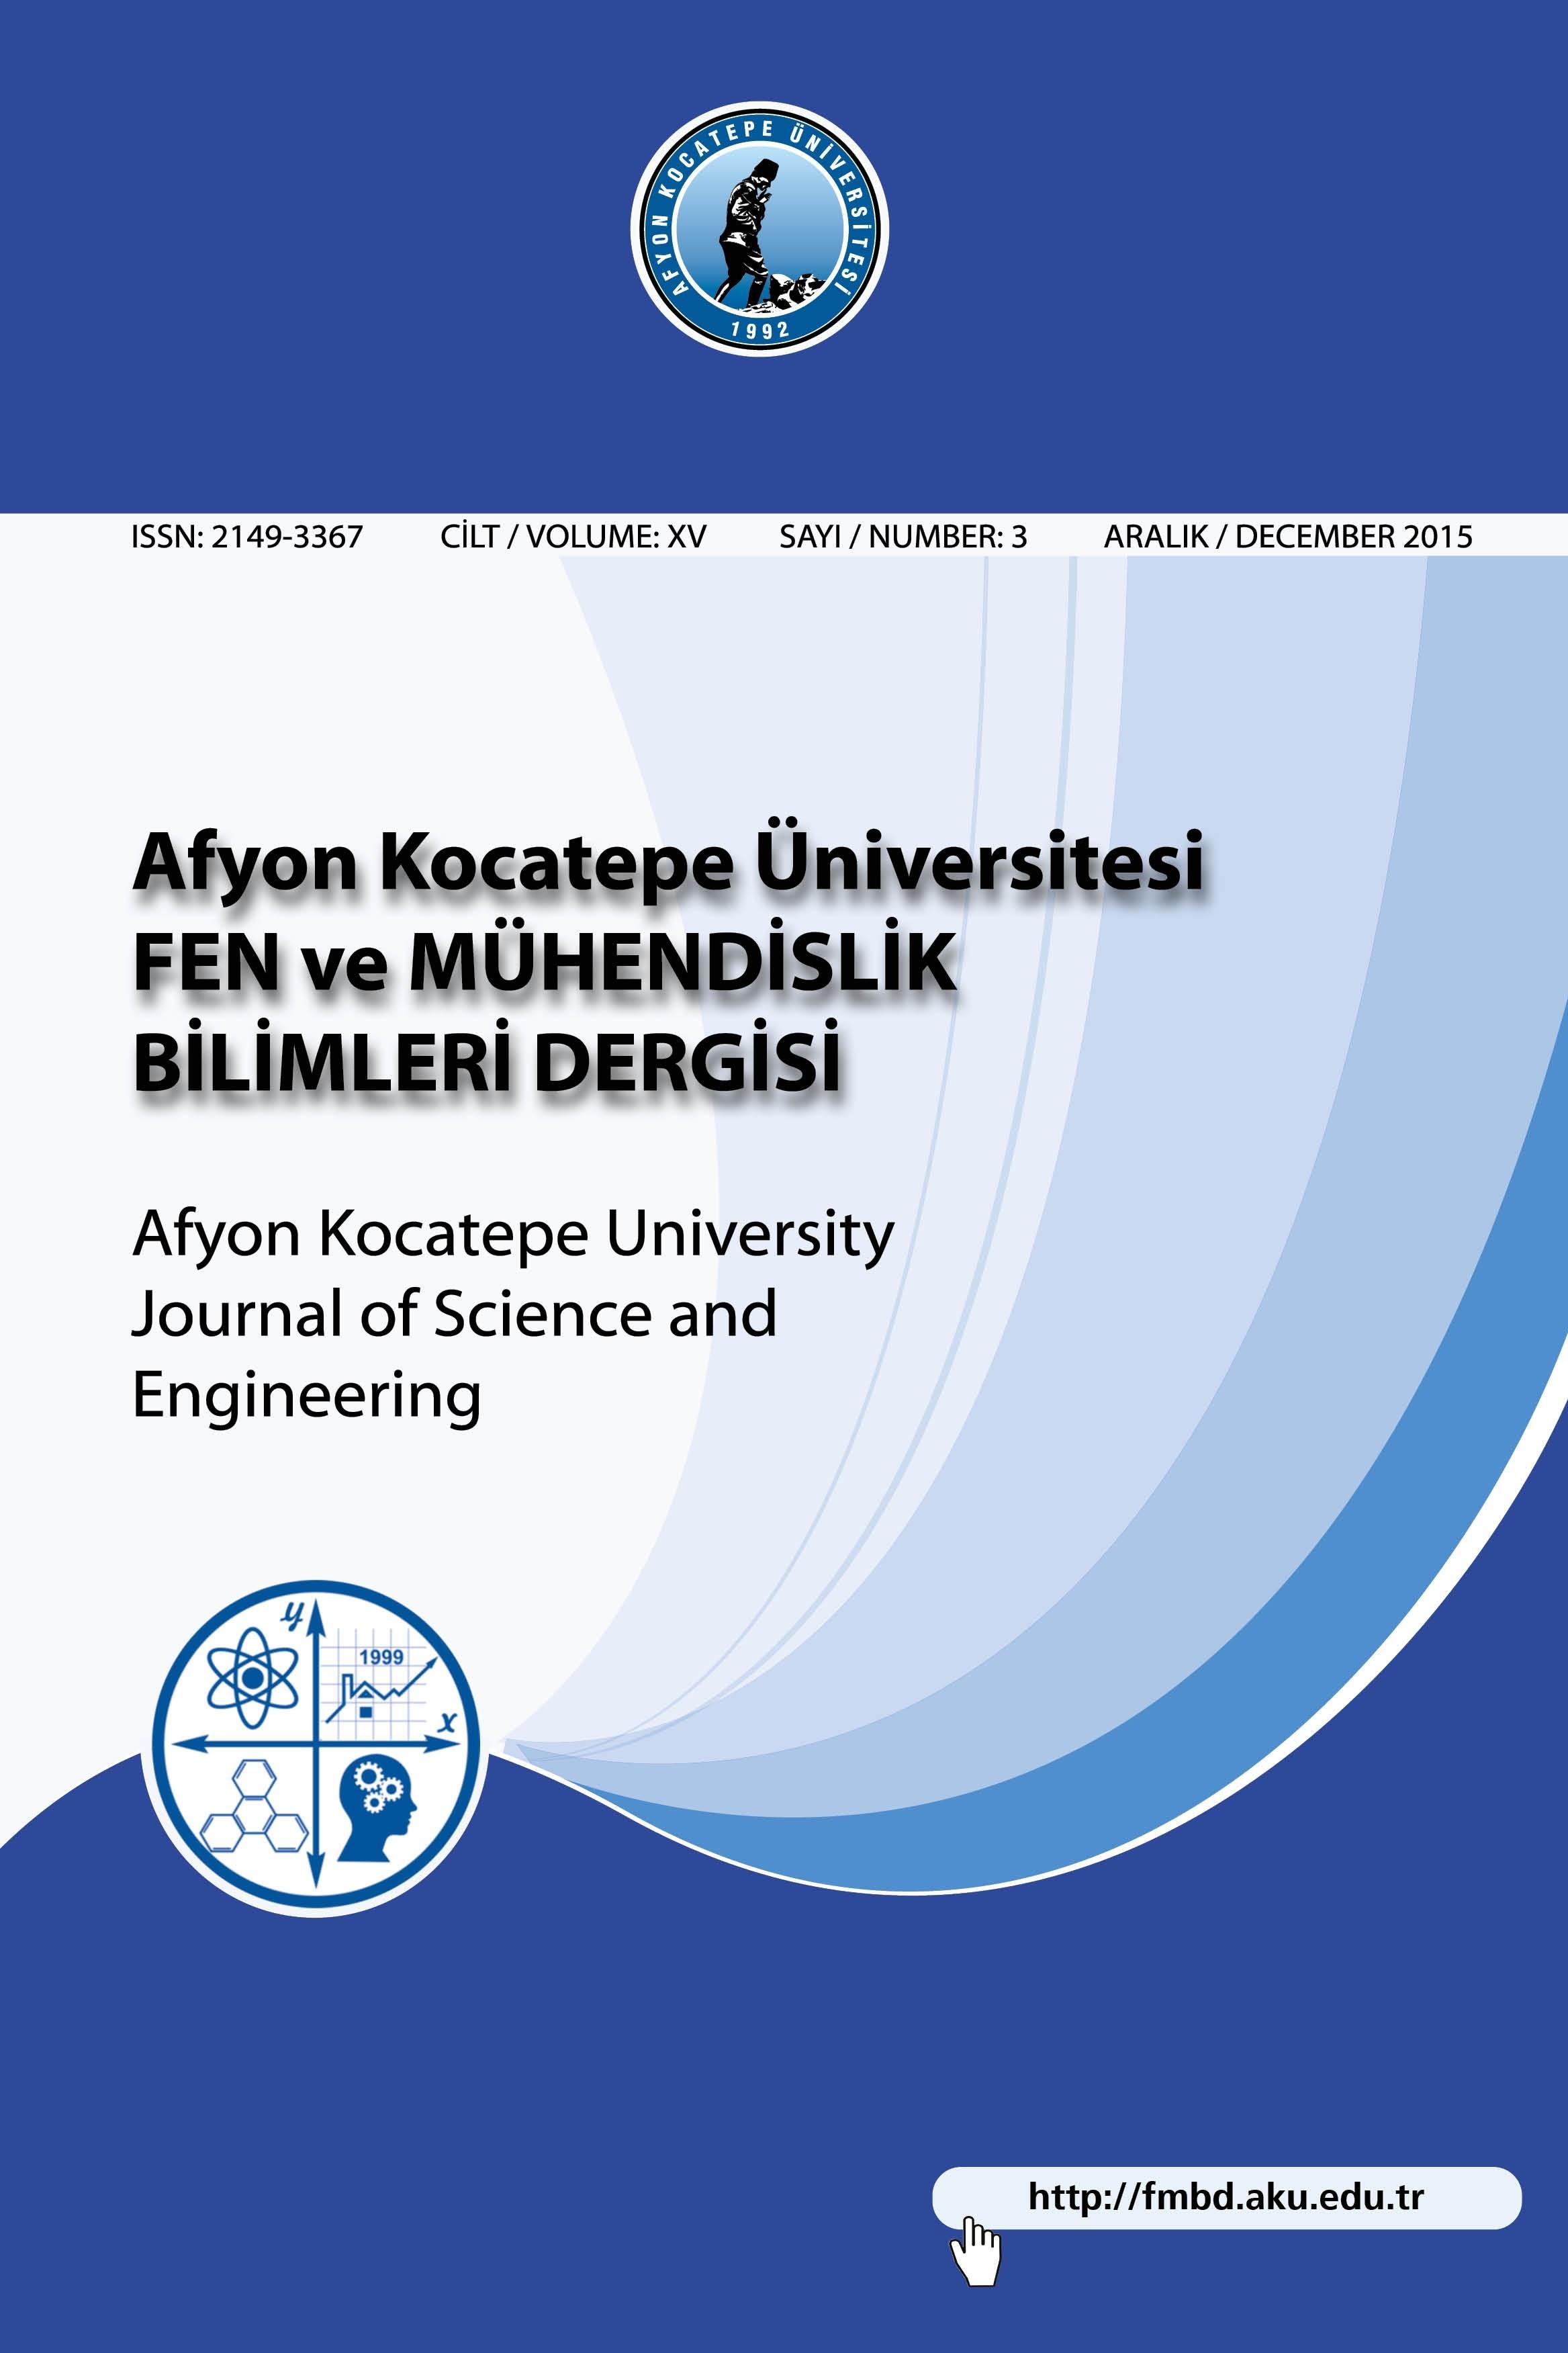 Afyon Kocatepe Üniversitesi Fen Ve Mühendislik Bilimleri Dergisi